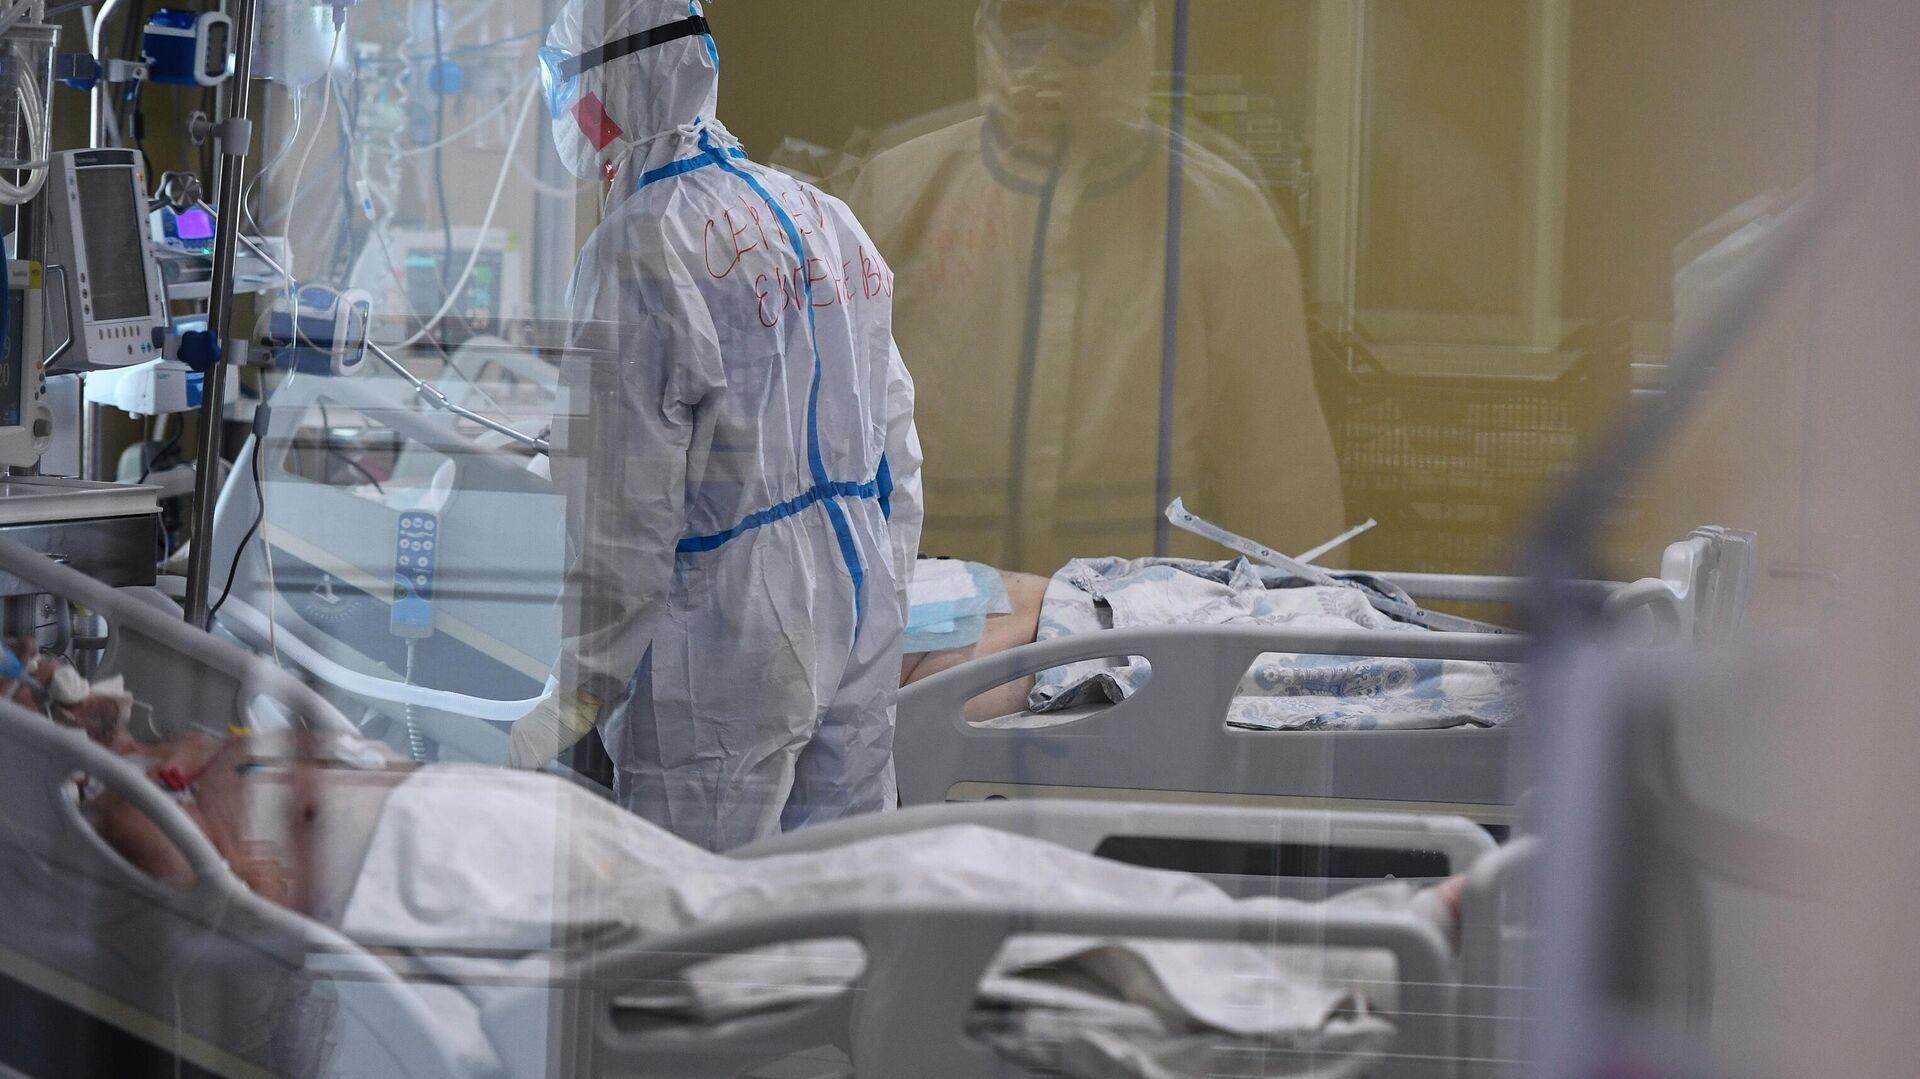 Медицинский работник возле кровати пациентов в одном из отделений госпиталя COVID-19 в Центре мозга и нейротехнологий ФМБА России - РИА Новости, 1920, 16.10.2020